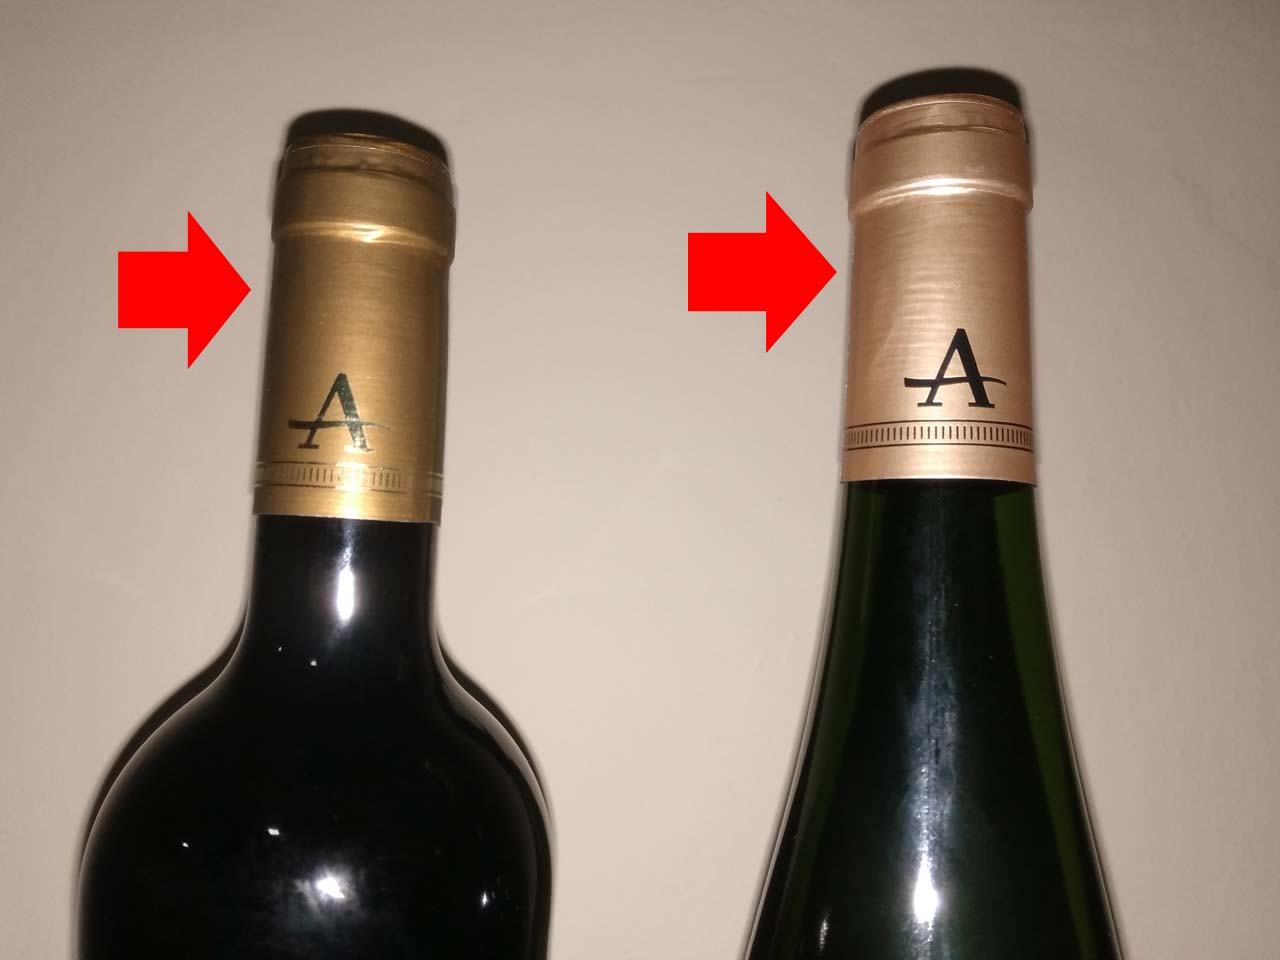 comprar vino montilla moriles 5 claves a tener en cuenta